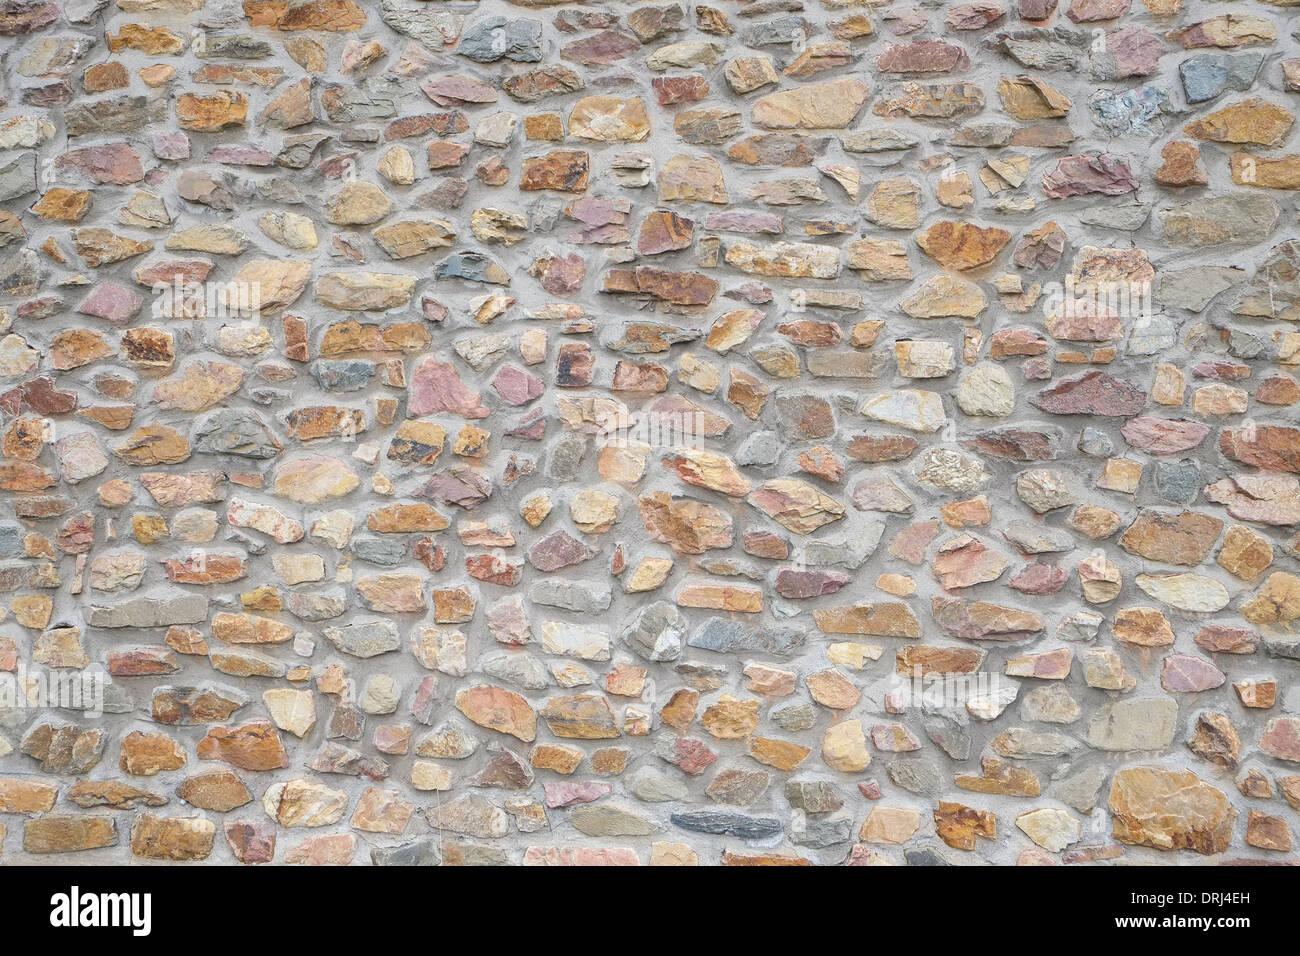 Un nouveau mur de pierre brute - milieux et textures Photo Stock